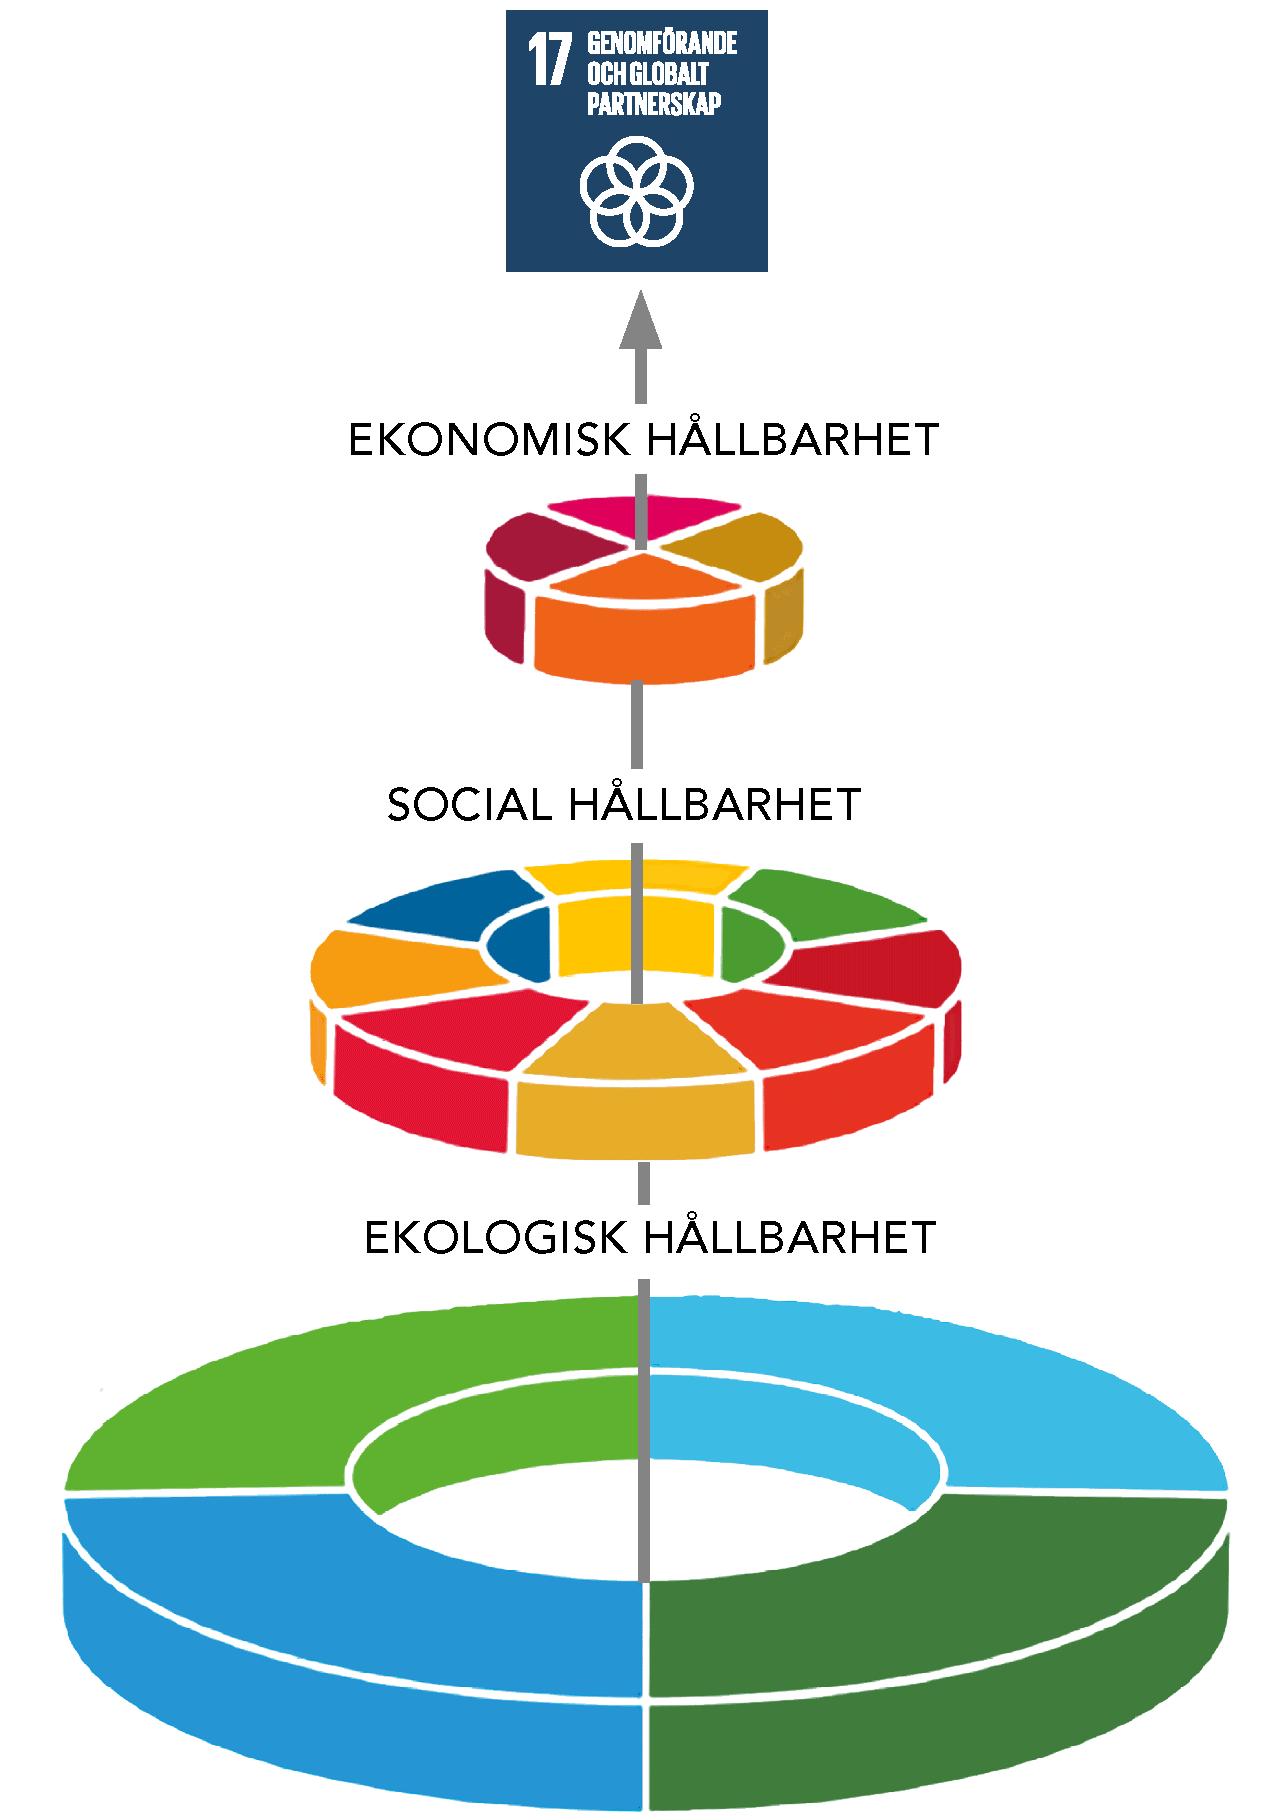 Globala målen uppställda som en tårta i tre våningar. Basen är ekologisk hållbarhet, mitten social hållbarhet och toppen utgörs av ekonomisk hållbarhet. Globala målen. Ett fungerande ekosystem är en förutsättning för välfärd och ekonomisk utveckling. Mål 17 genomsyrar arbetet på vägen mot målen. Här spelar biosfärområden en central roll.